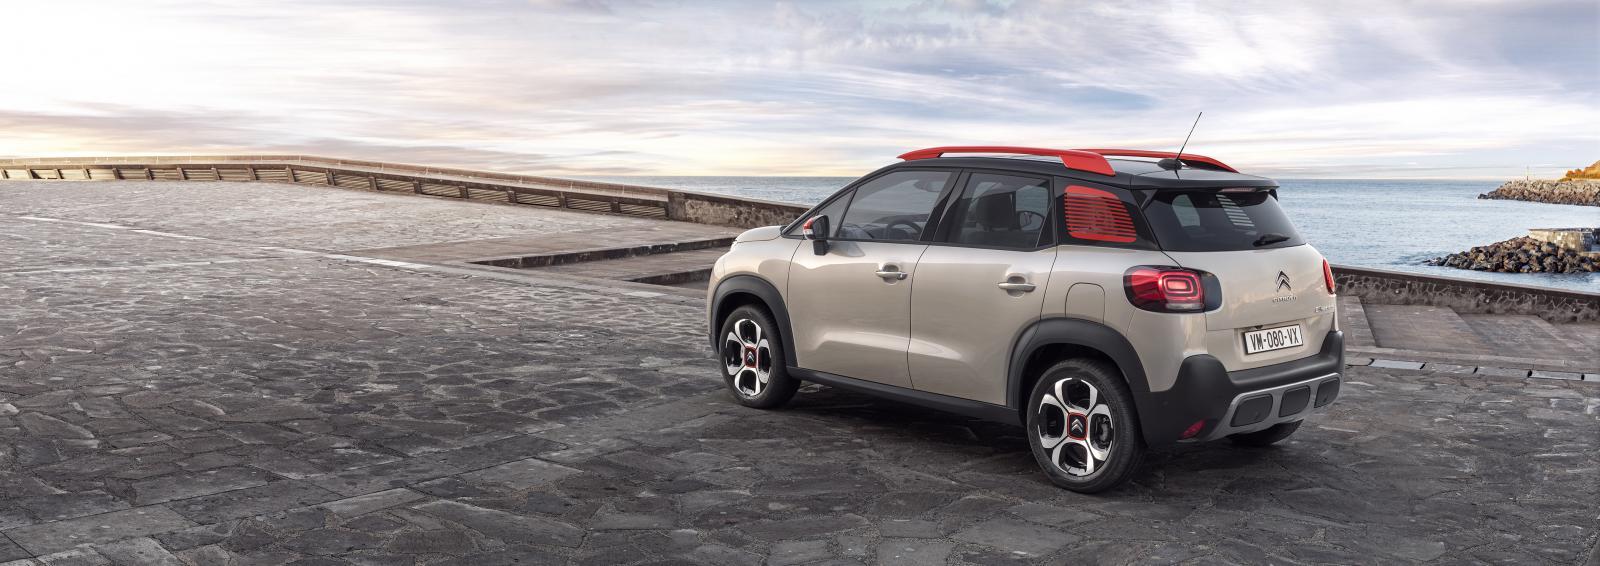 SUV Compact C3 Aircross - coucher de soleil